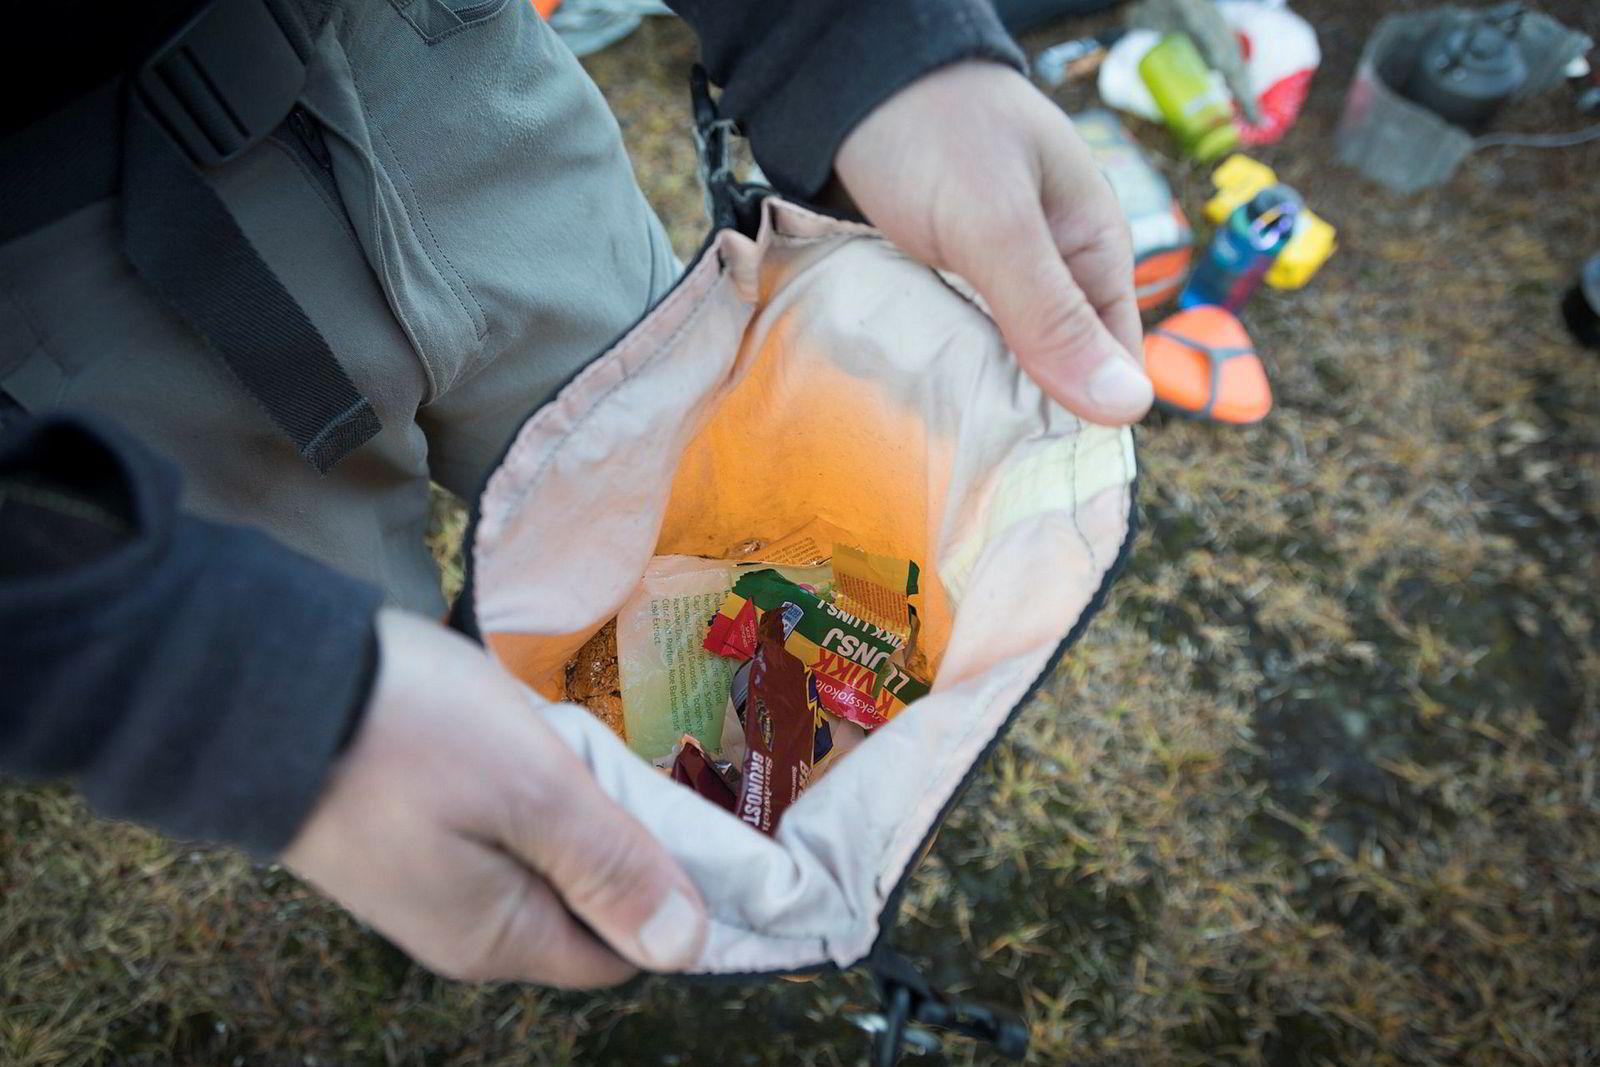 En av mange turerfaringer: Den beste søppelposen er en vanntett pakkpose som tømmes jevnlig.